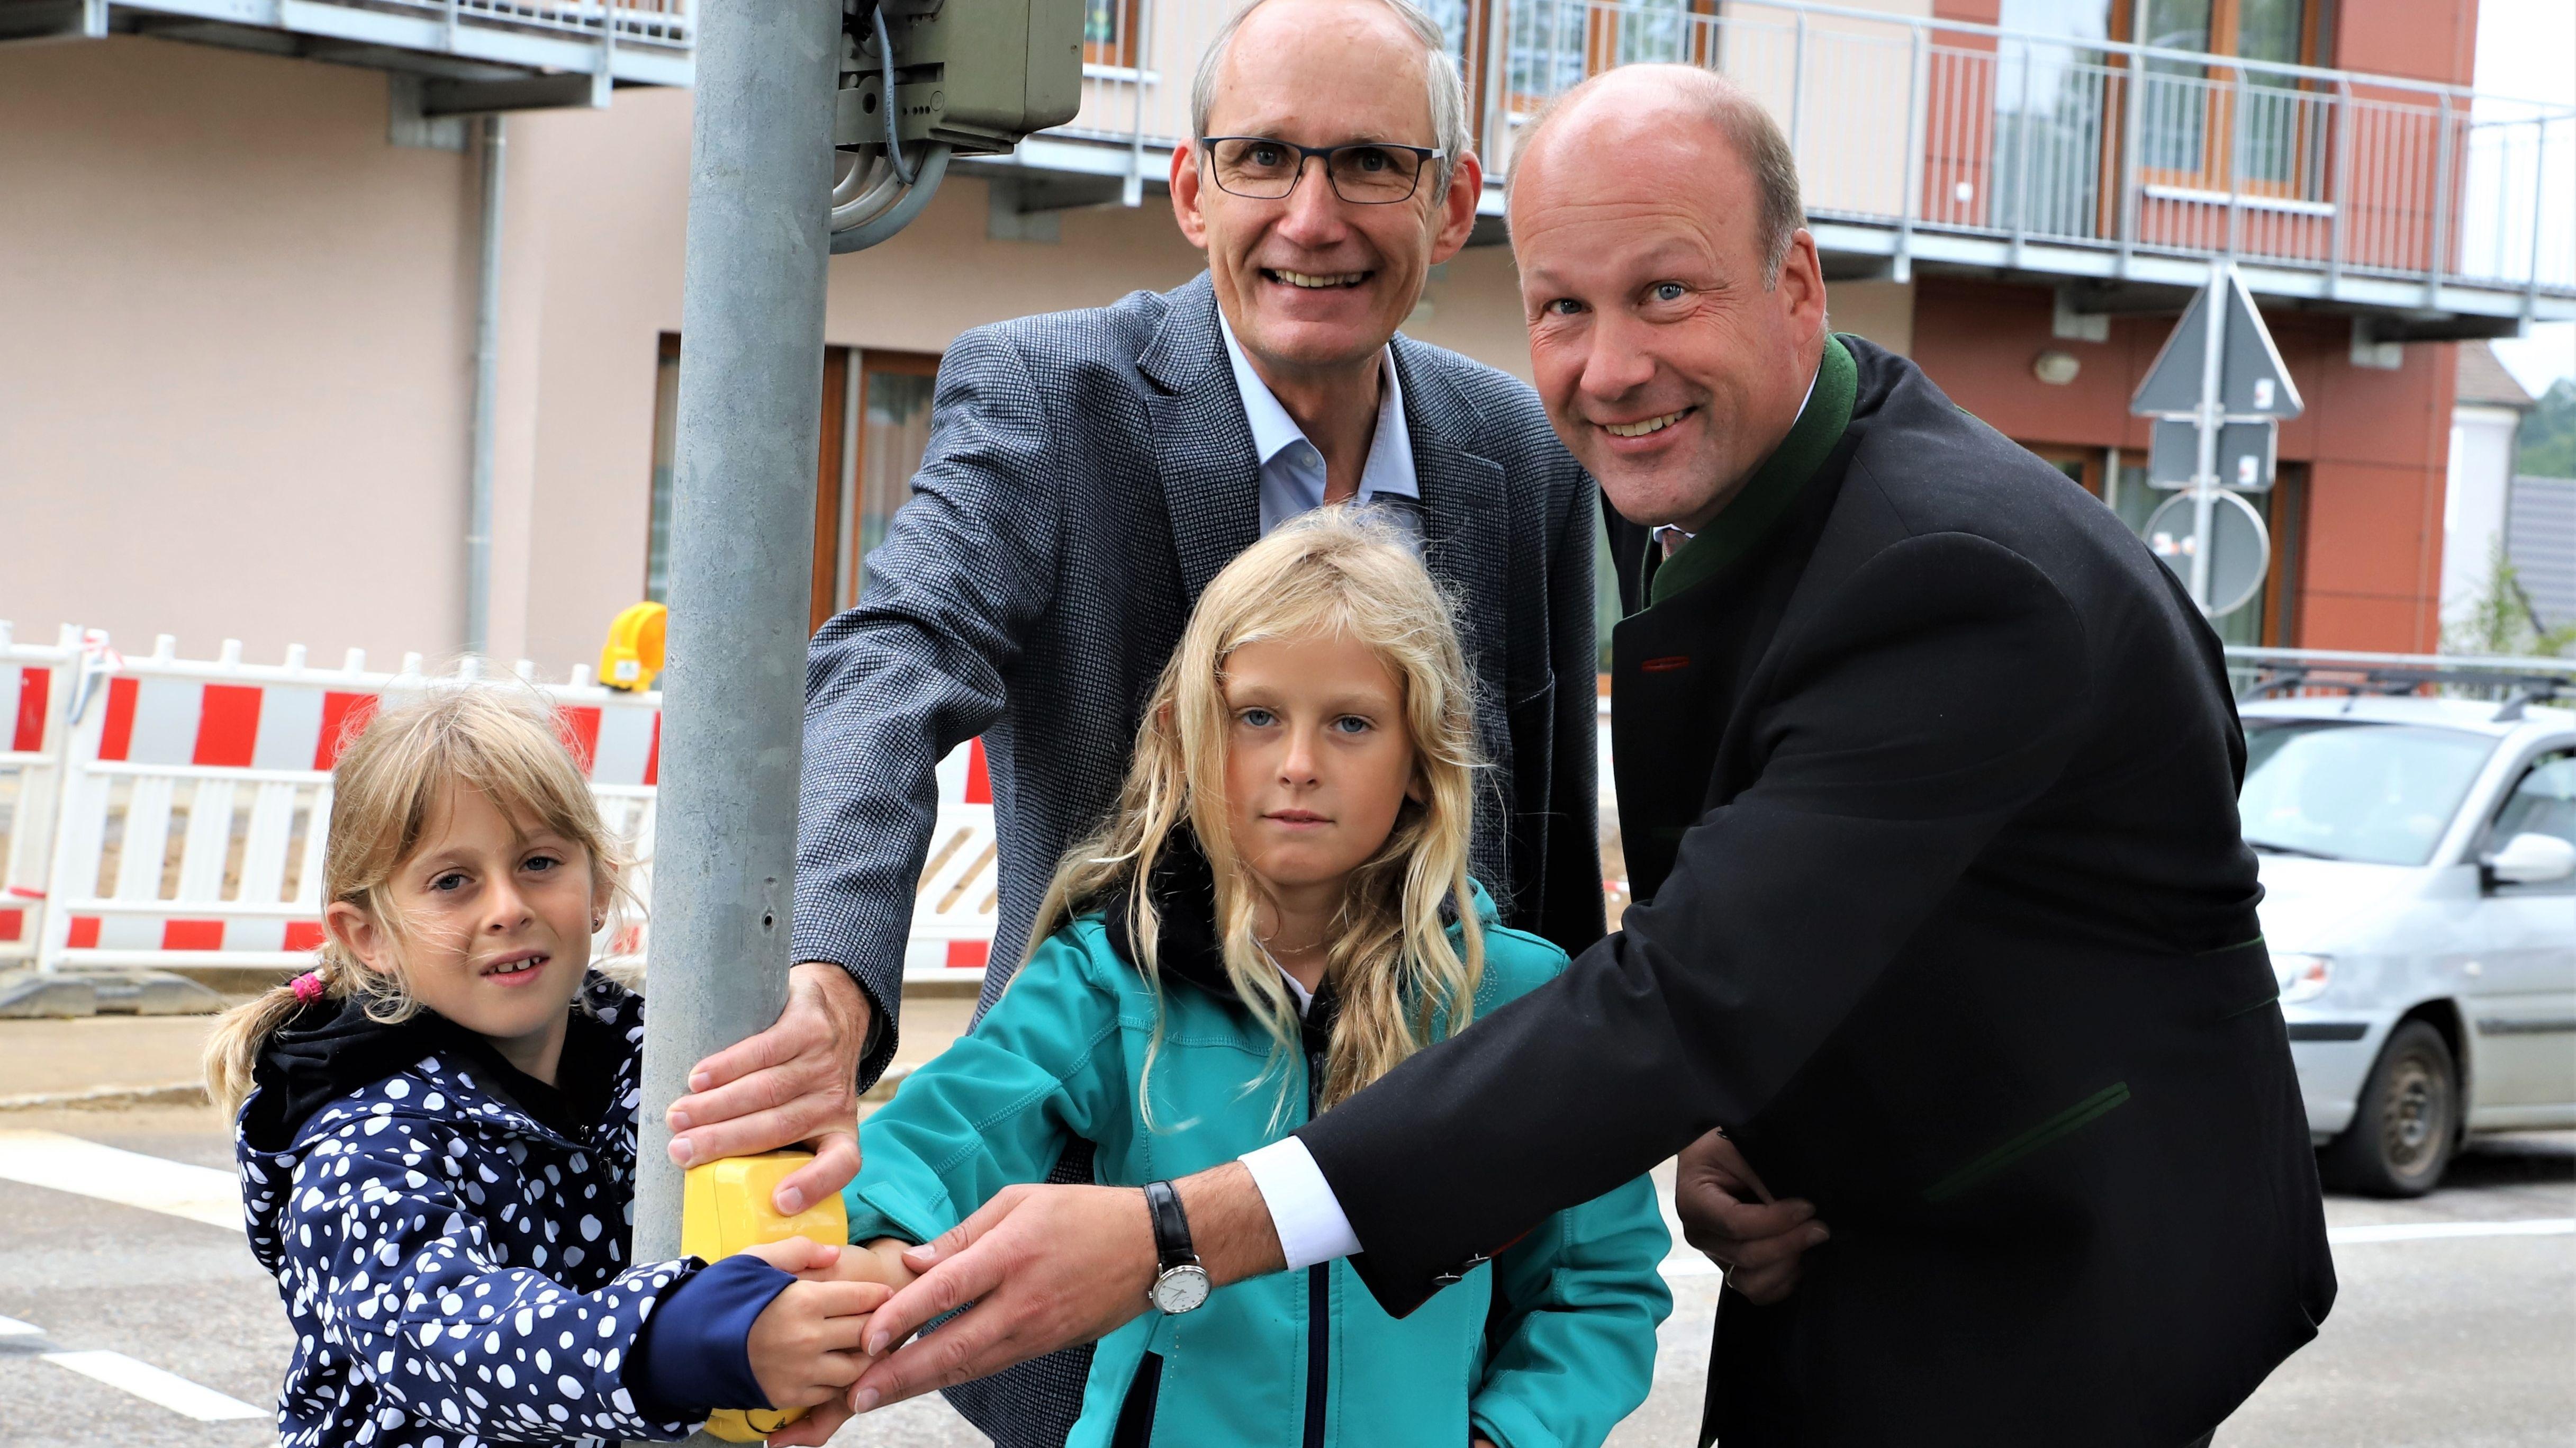 Marie und Katharina Werner, Weldens Bürgermeister Peter Bergmeir und der Augsburger Landrat Martin Sailer an einer Fußgängerampel